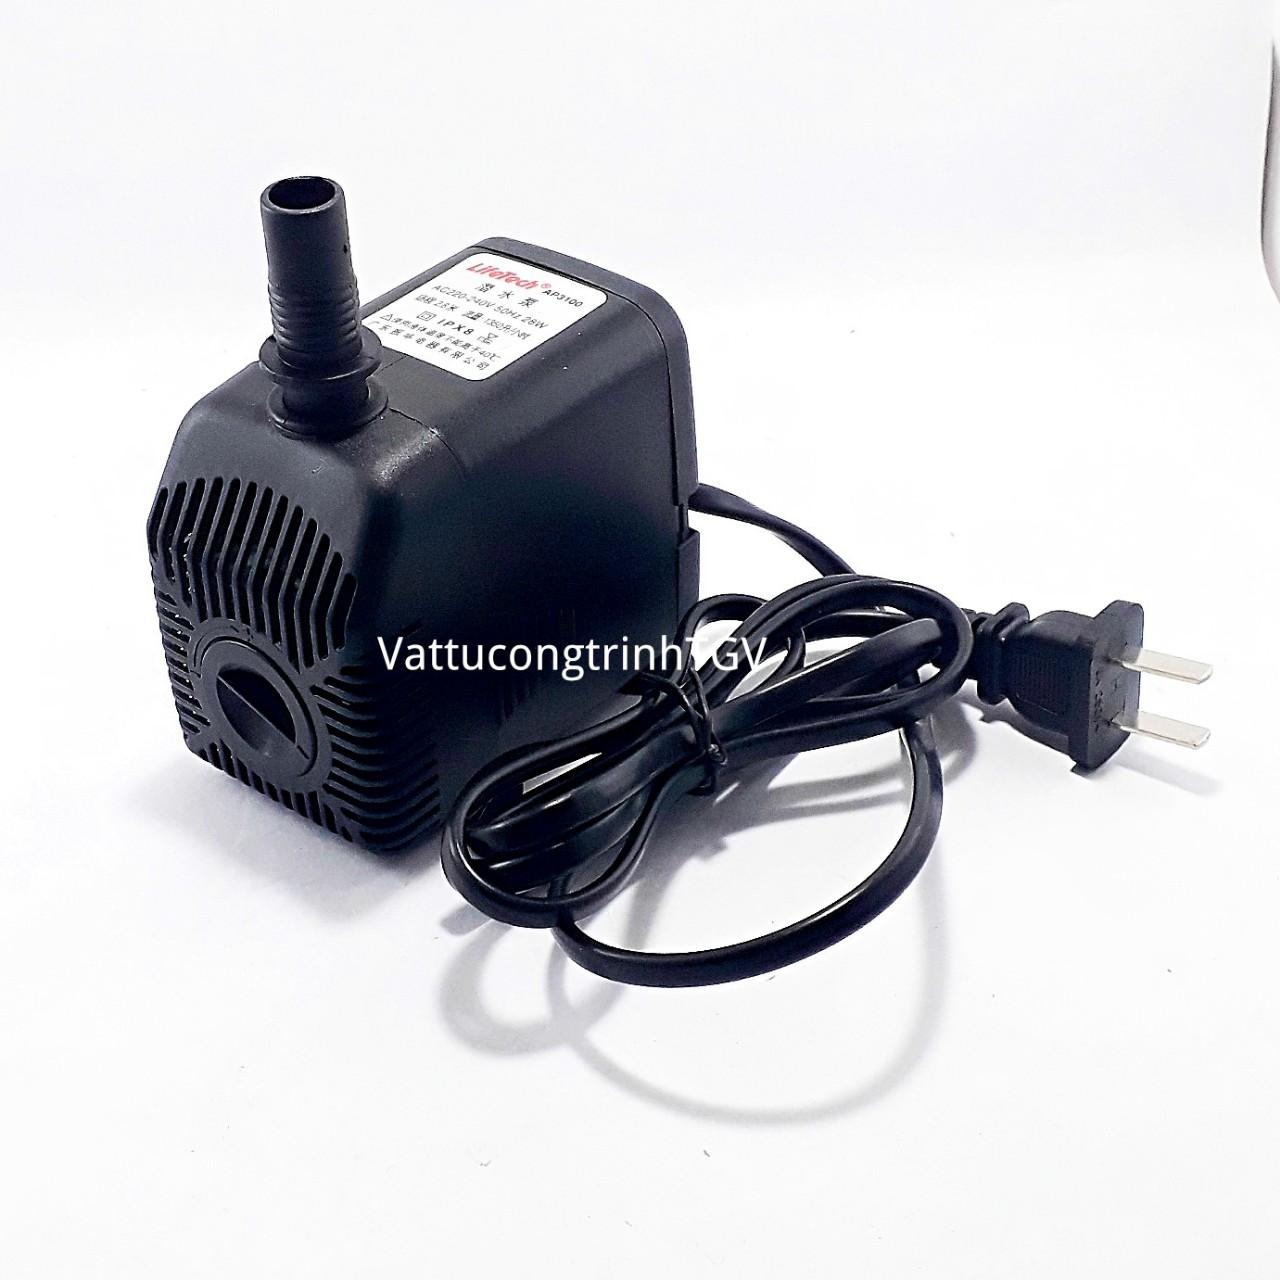 Bơm chìm mini AP3100 220V-28w cho bể cá quạt hơi nước